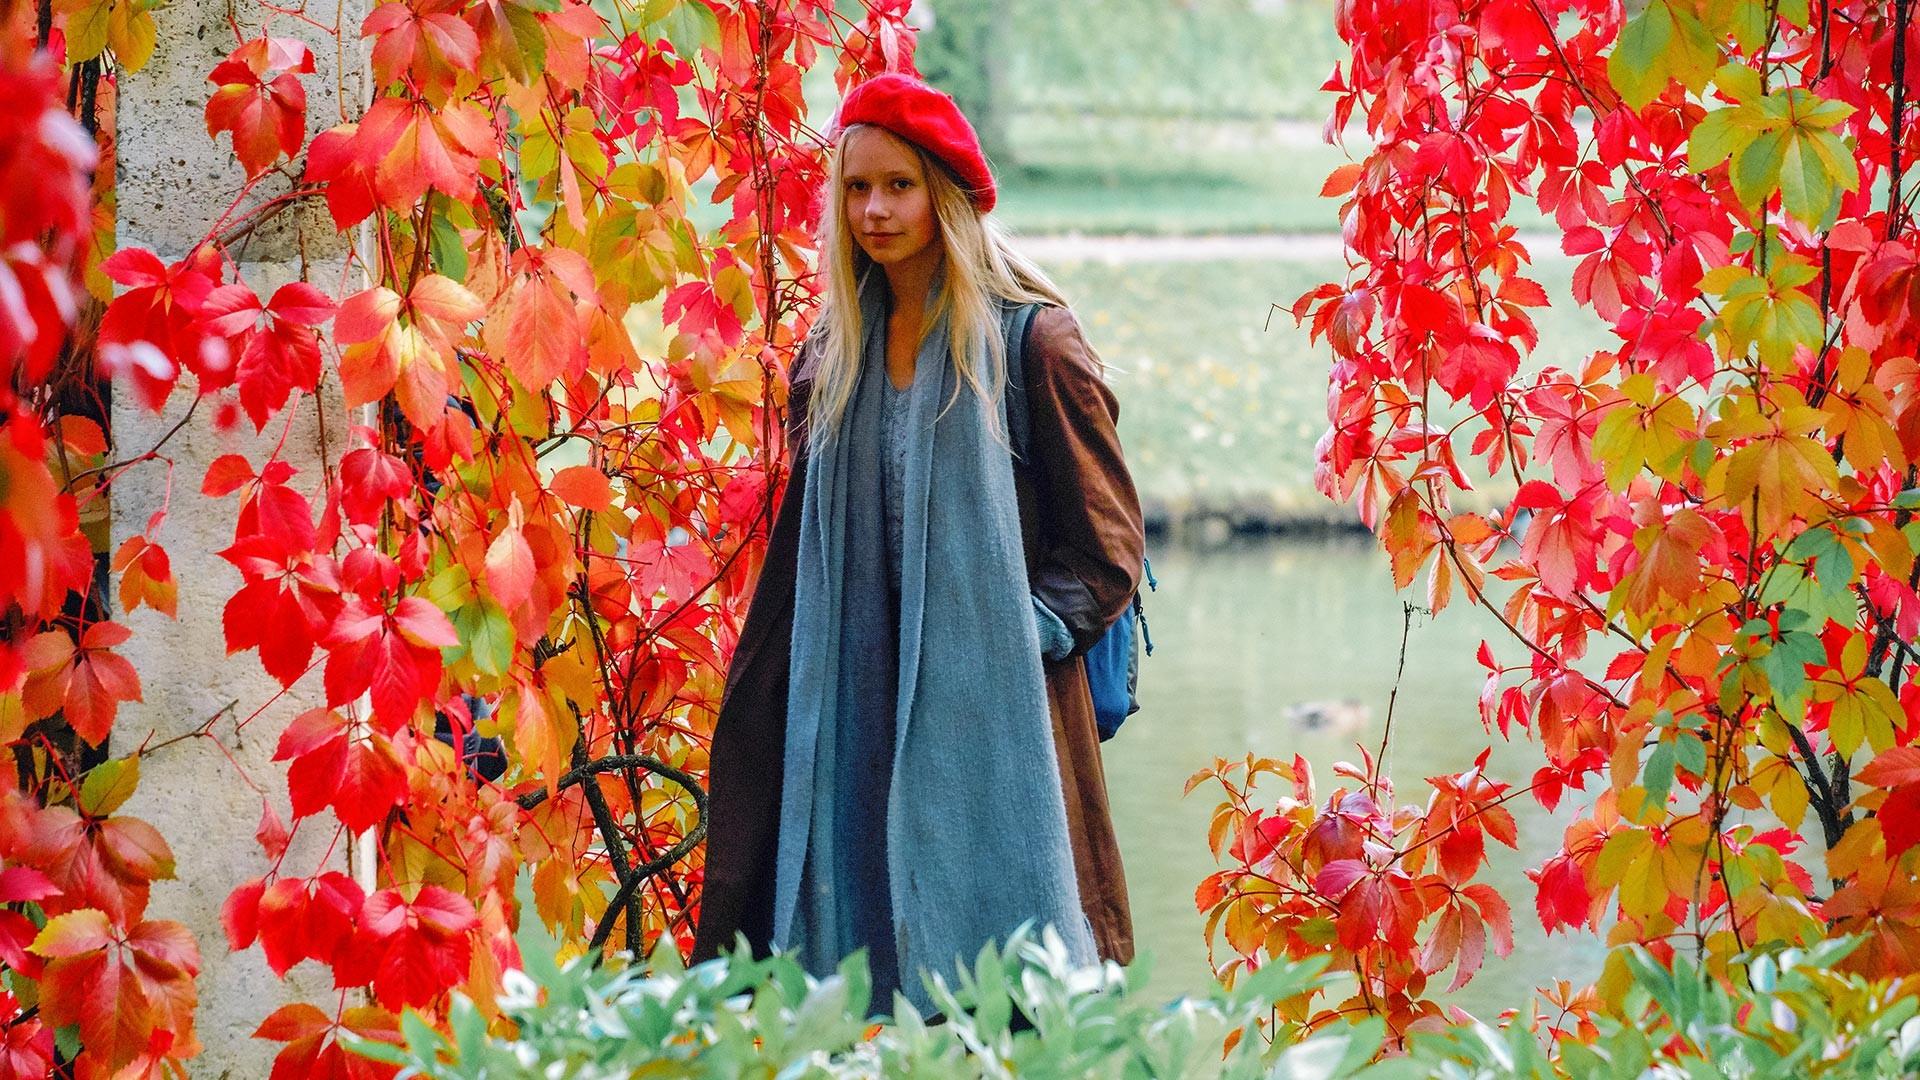 サンクトペテルブルクのもう1つの公園、オラニエンバウムの秋